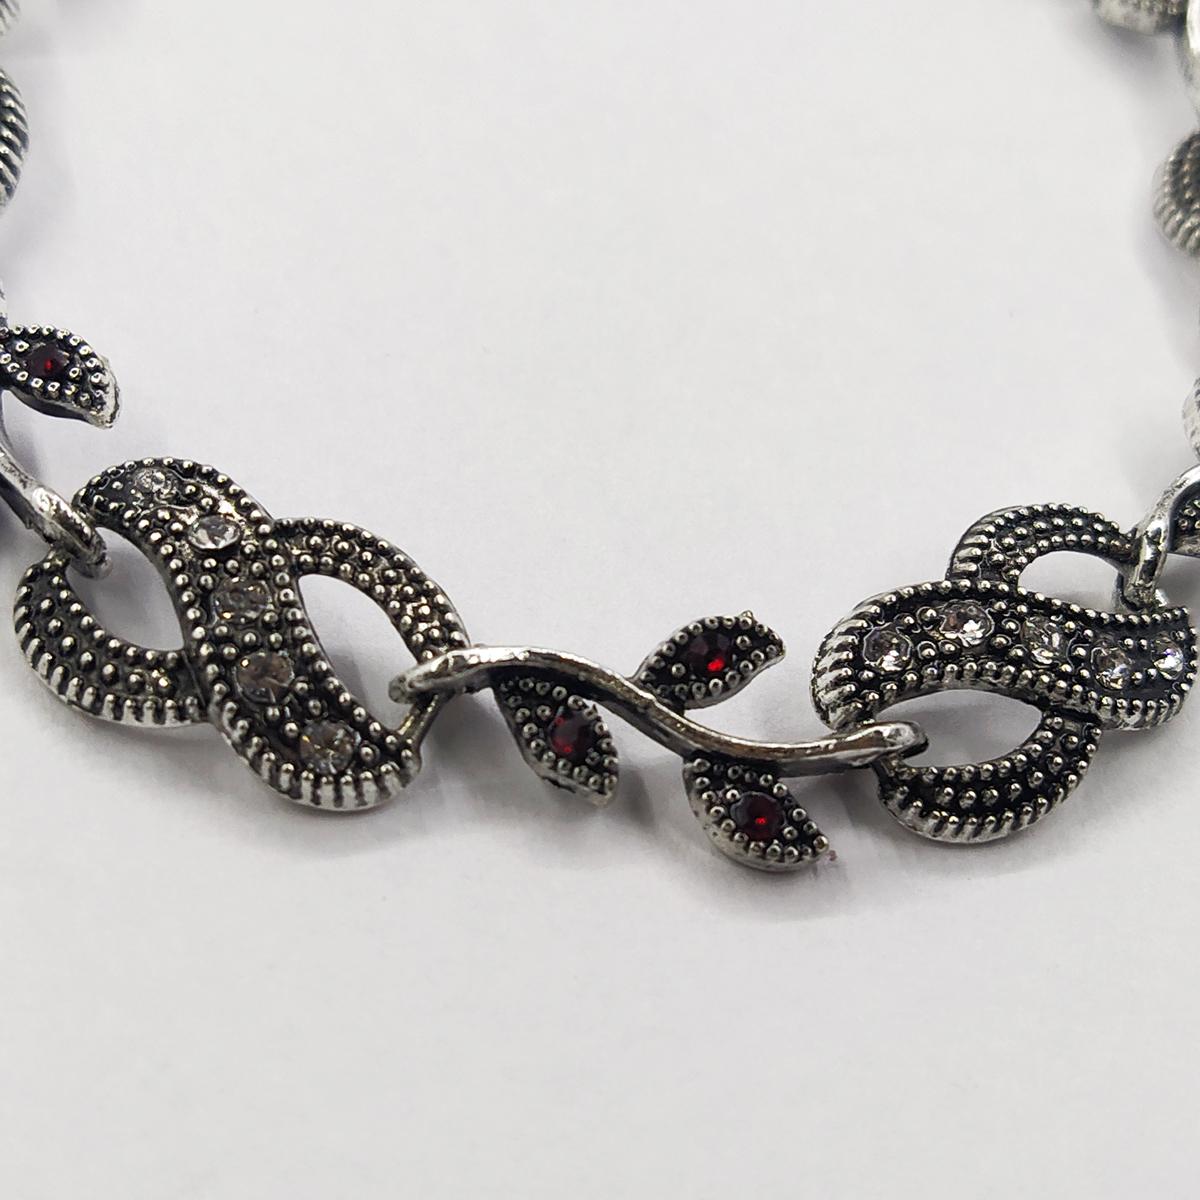 دستبند زنانه سلین کالا مدل برلیان کد ce-As20